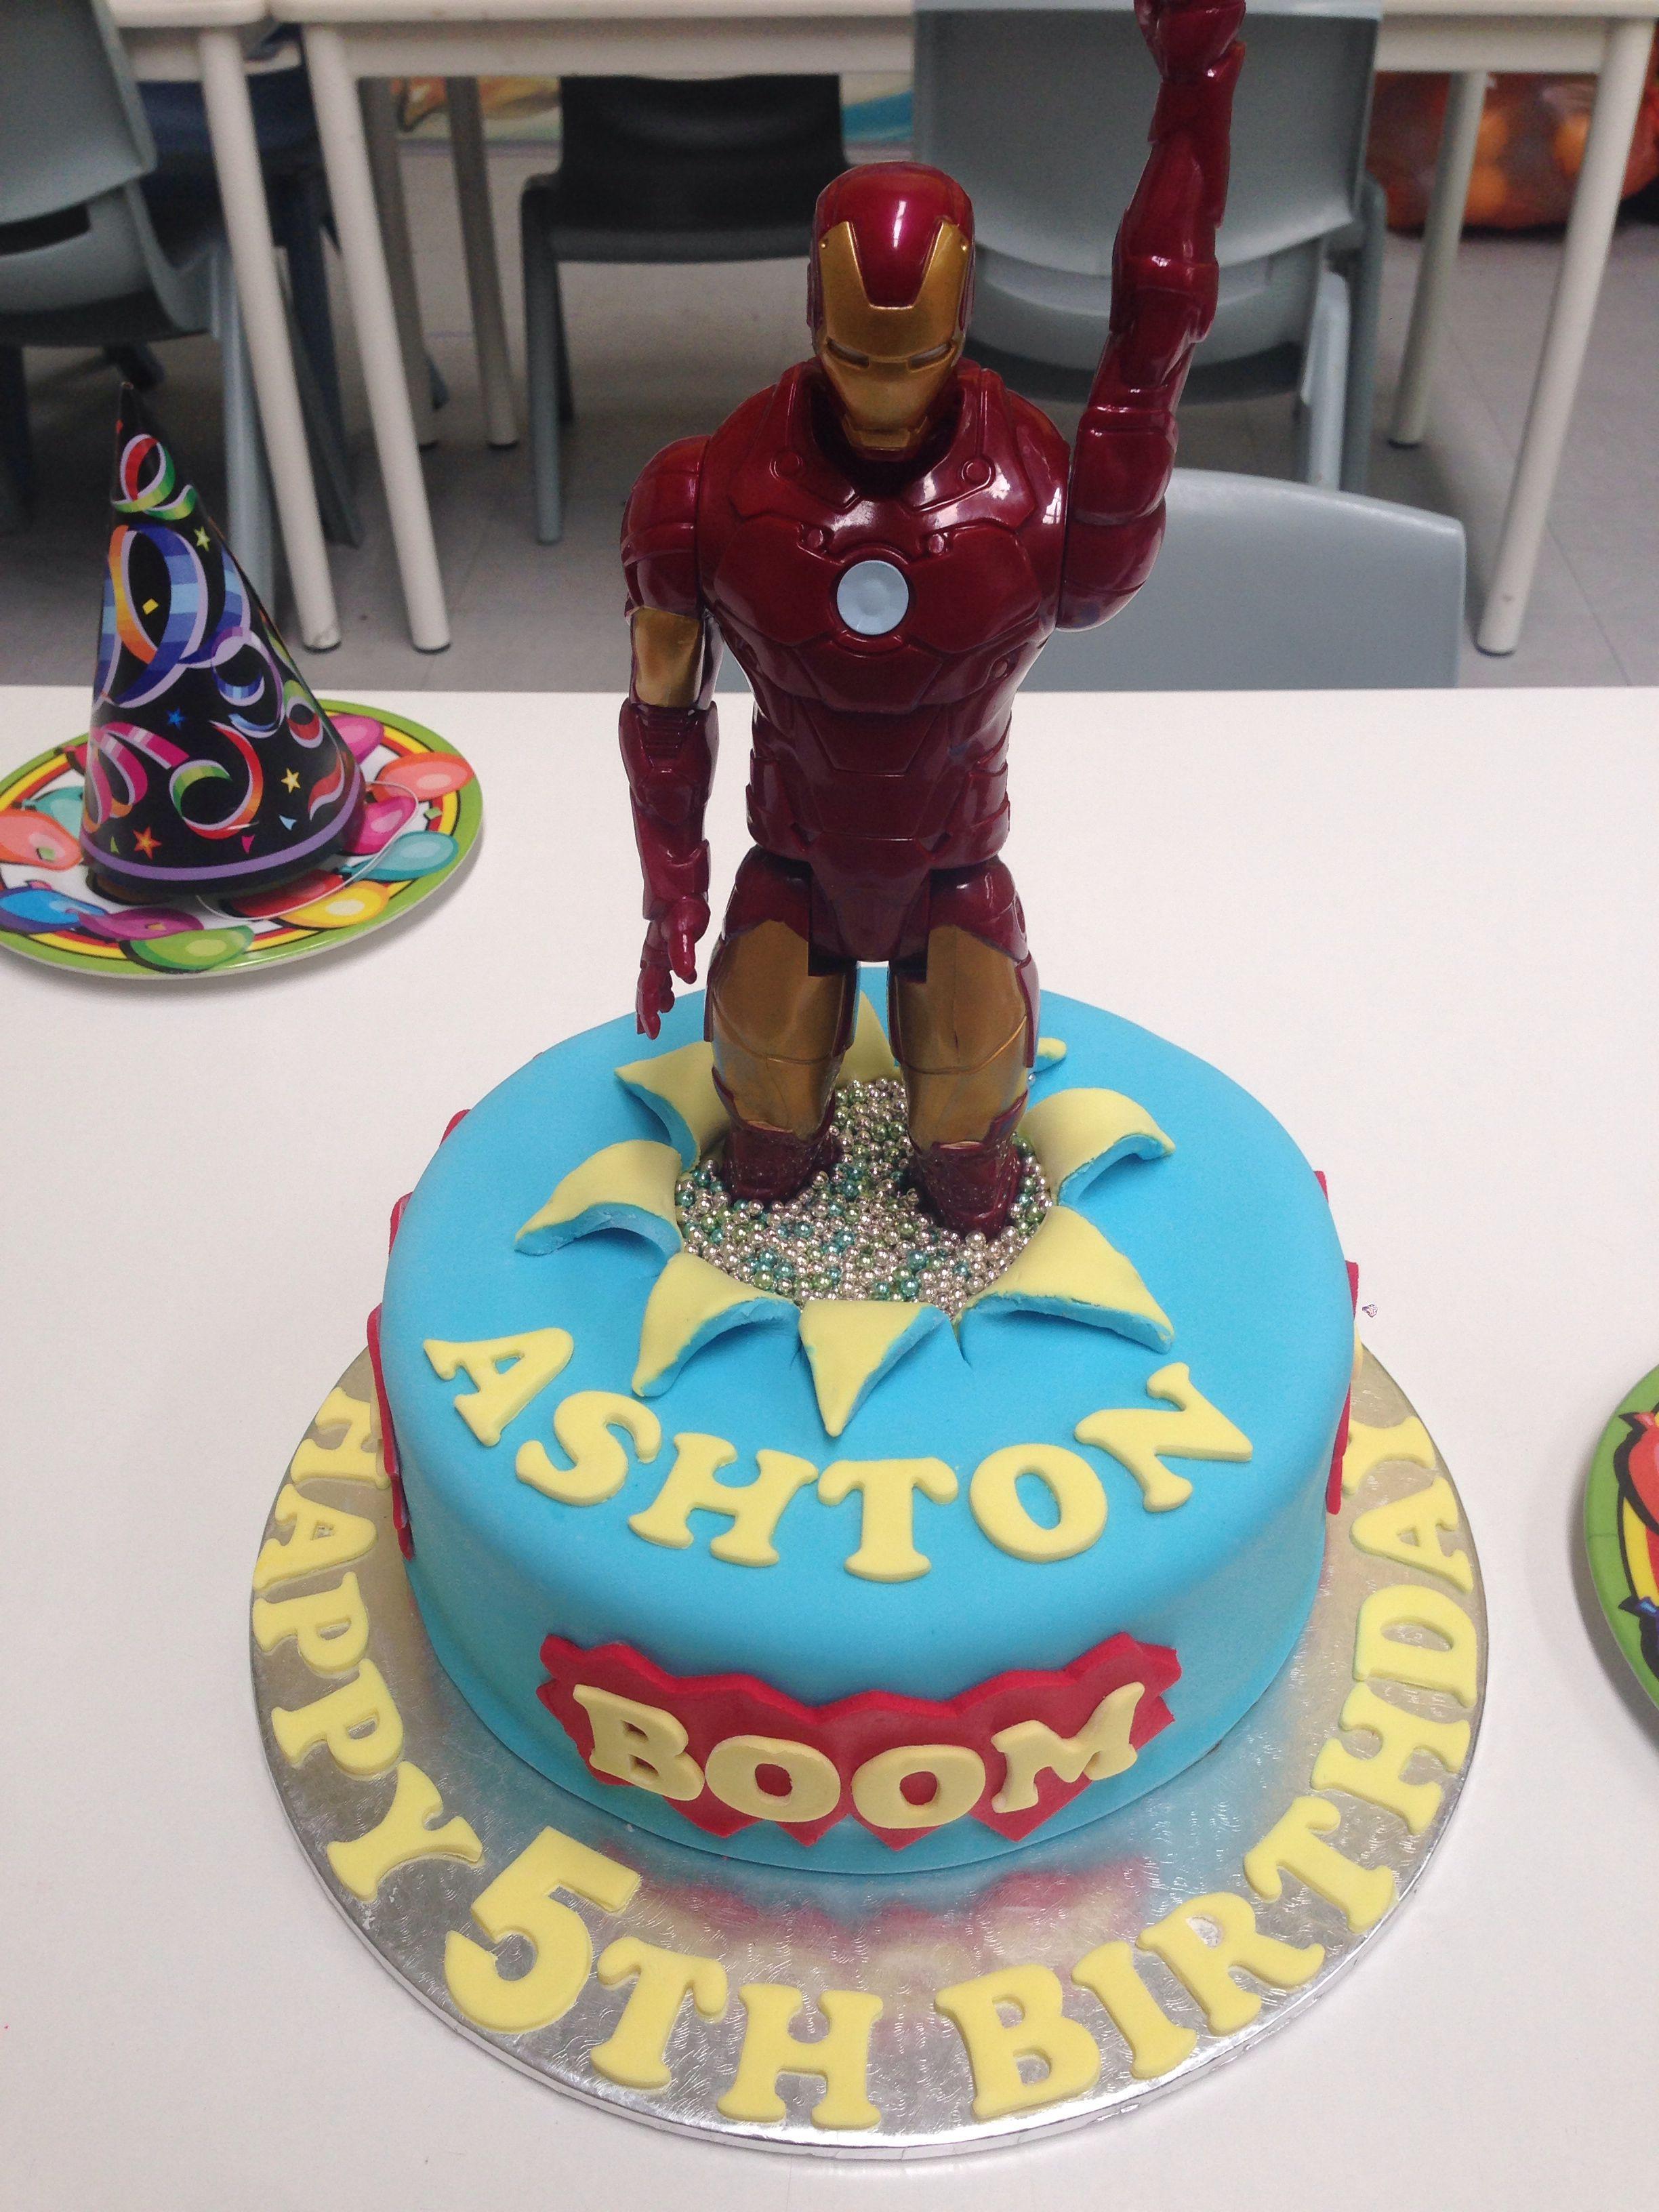 Iron man cake ironman cake cake cake design